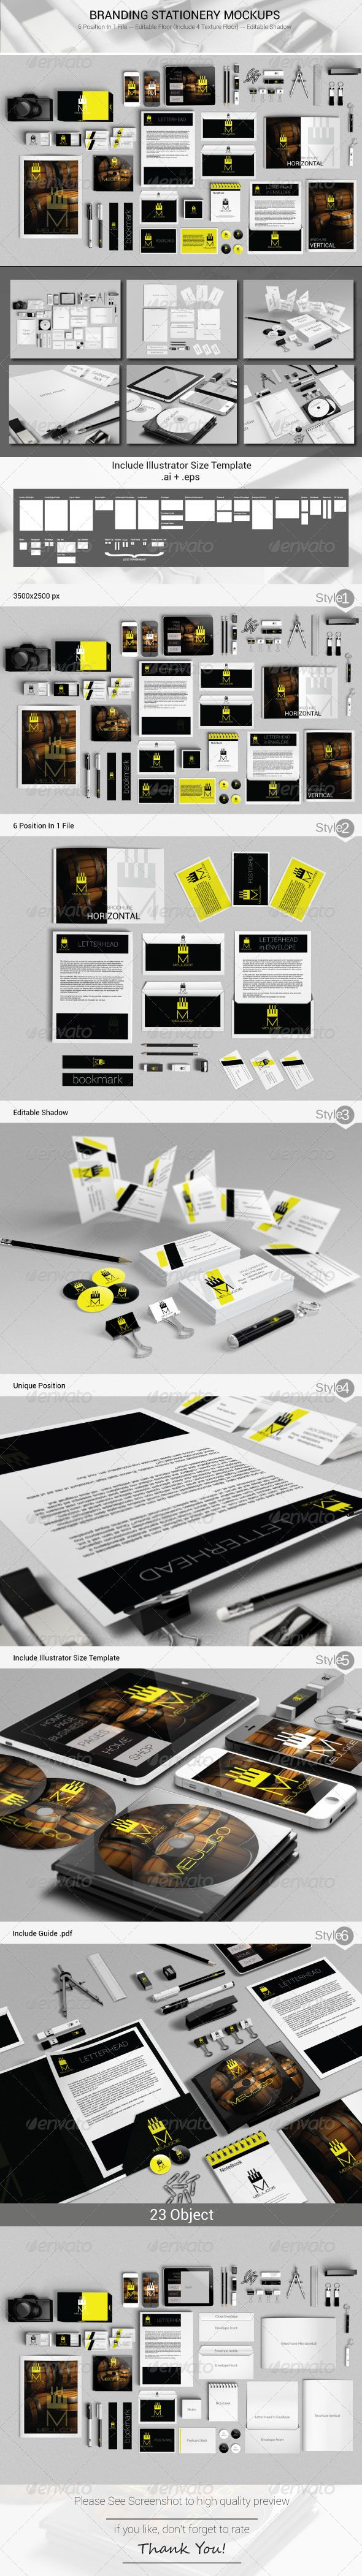 Branding Stationery Mockups Stationery Print 29